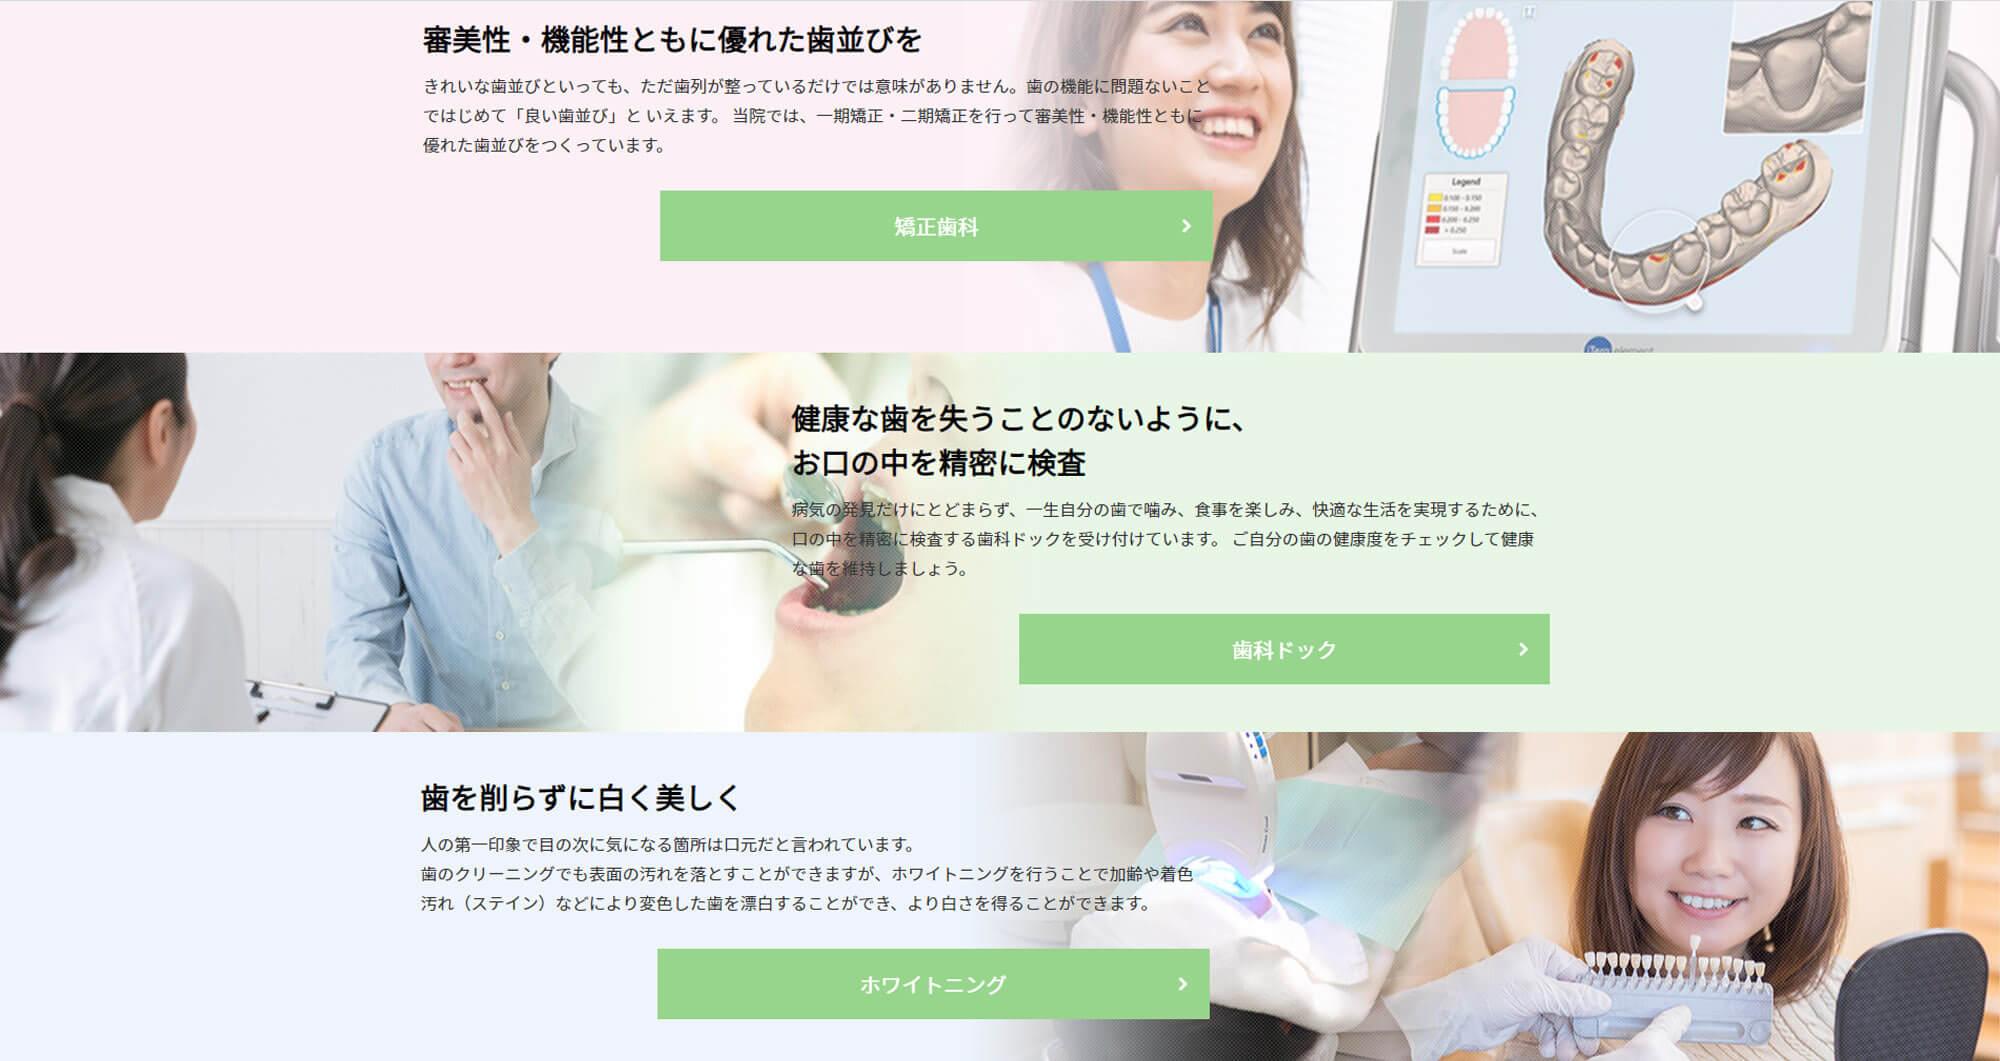 桃谷駅前歯科・矯正歯科クリニック様PCトップページ